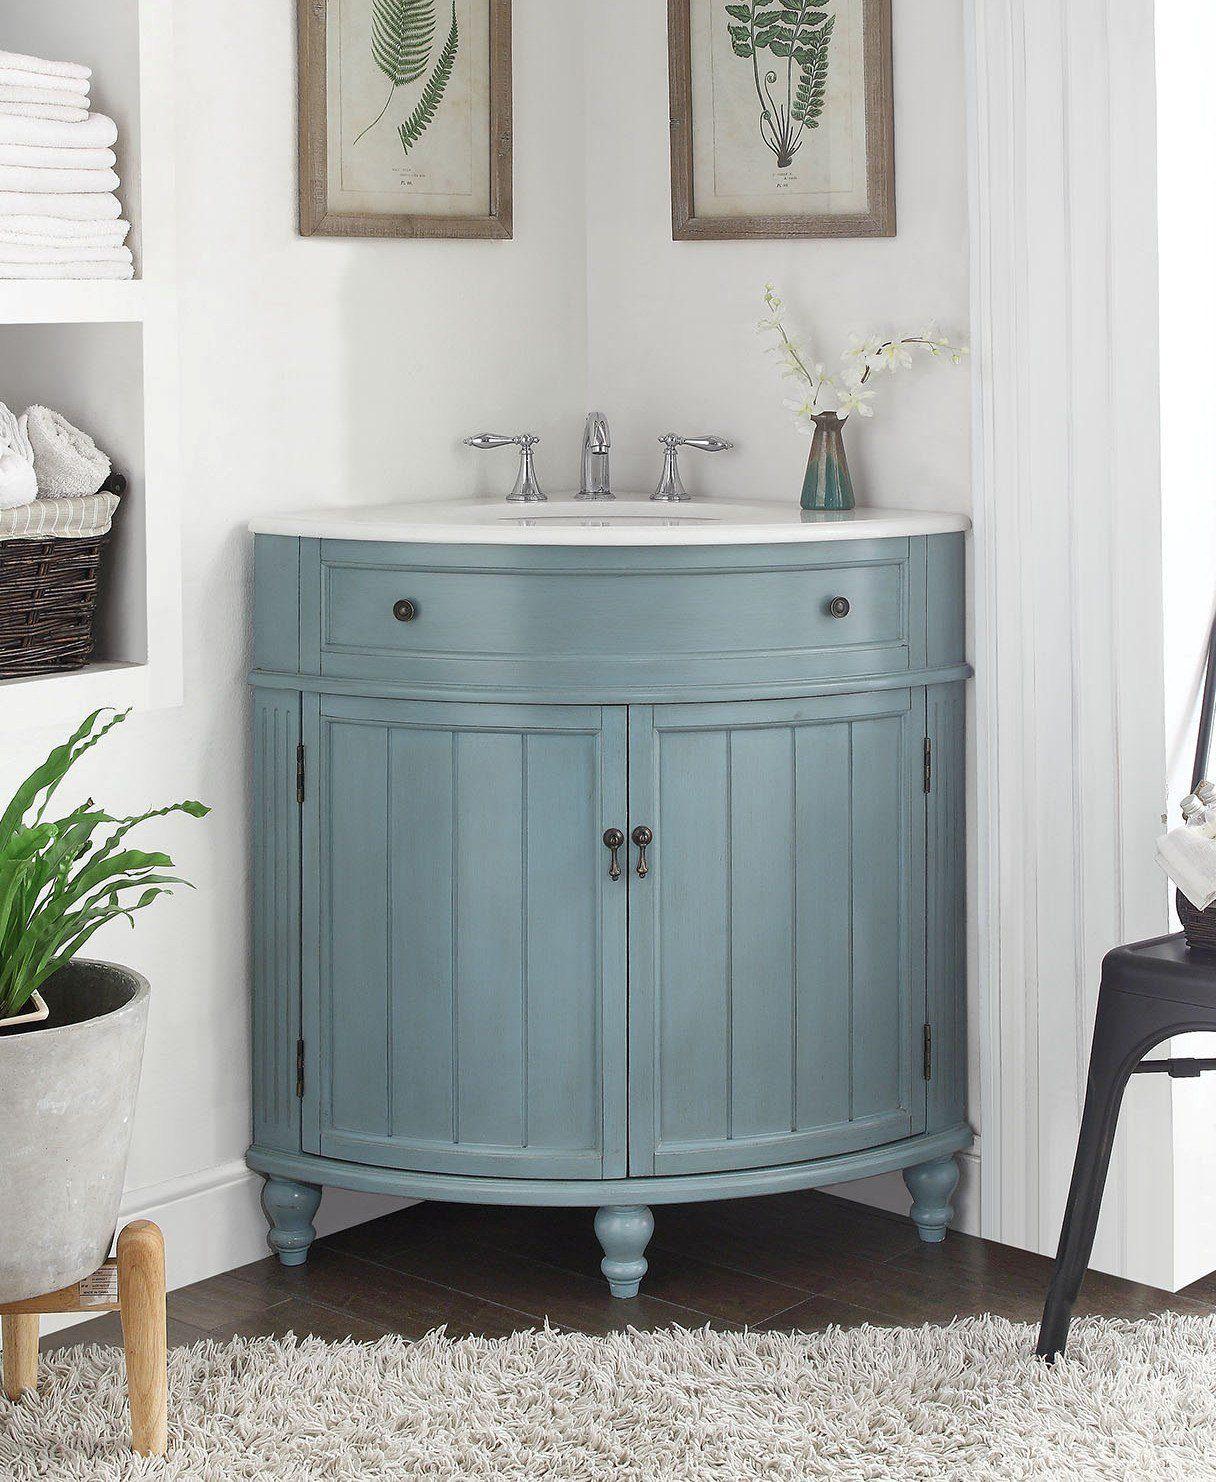 24 Vintage Light Blue Cottage Style Thomasville Bathroom Sink Vanity Model With Images Corner Bathroom Vanity Small Bathroom Vanities Corner Sink Bathroom